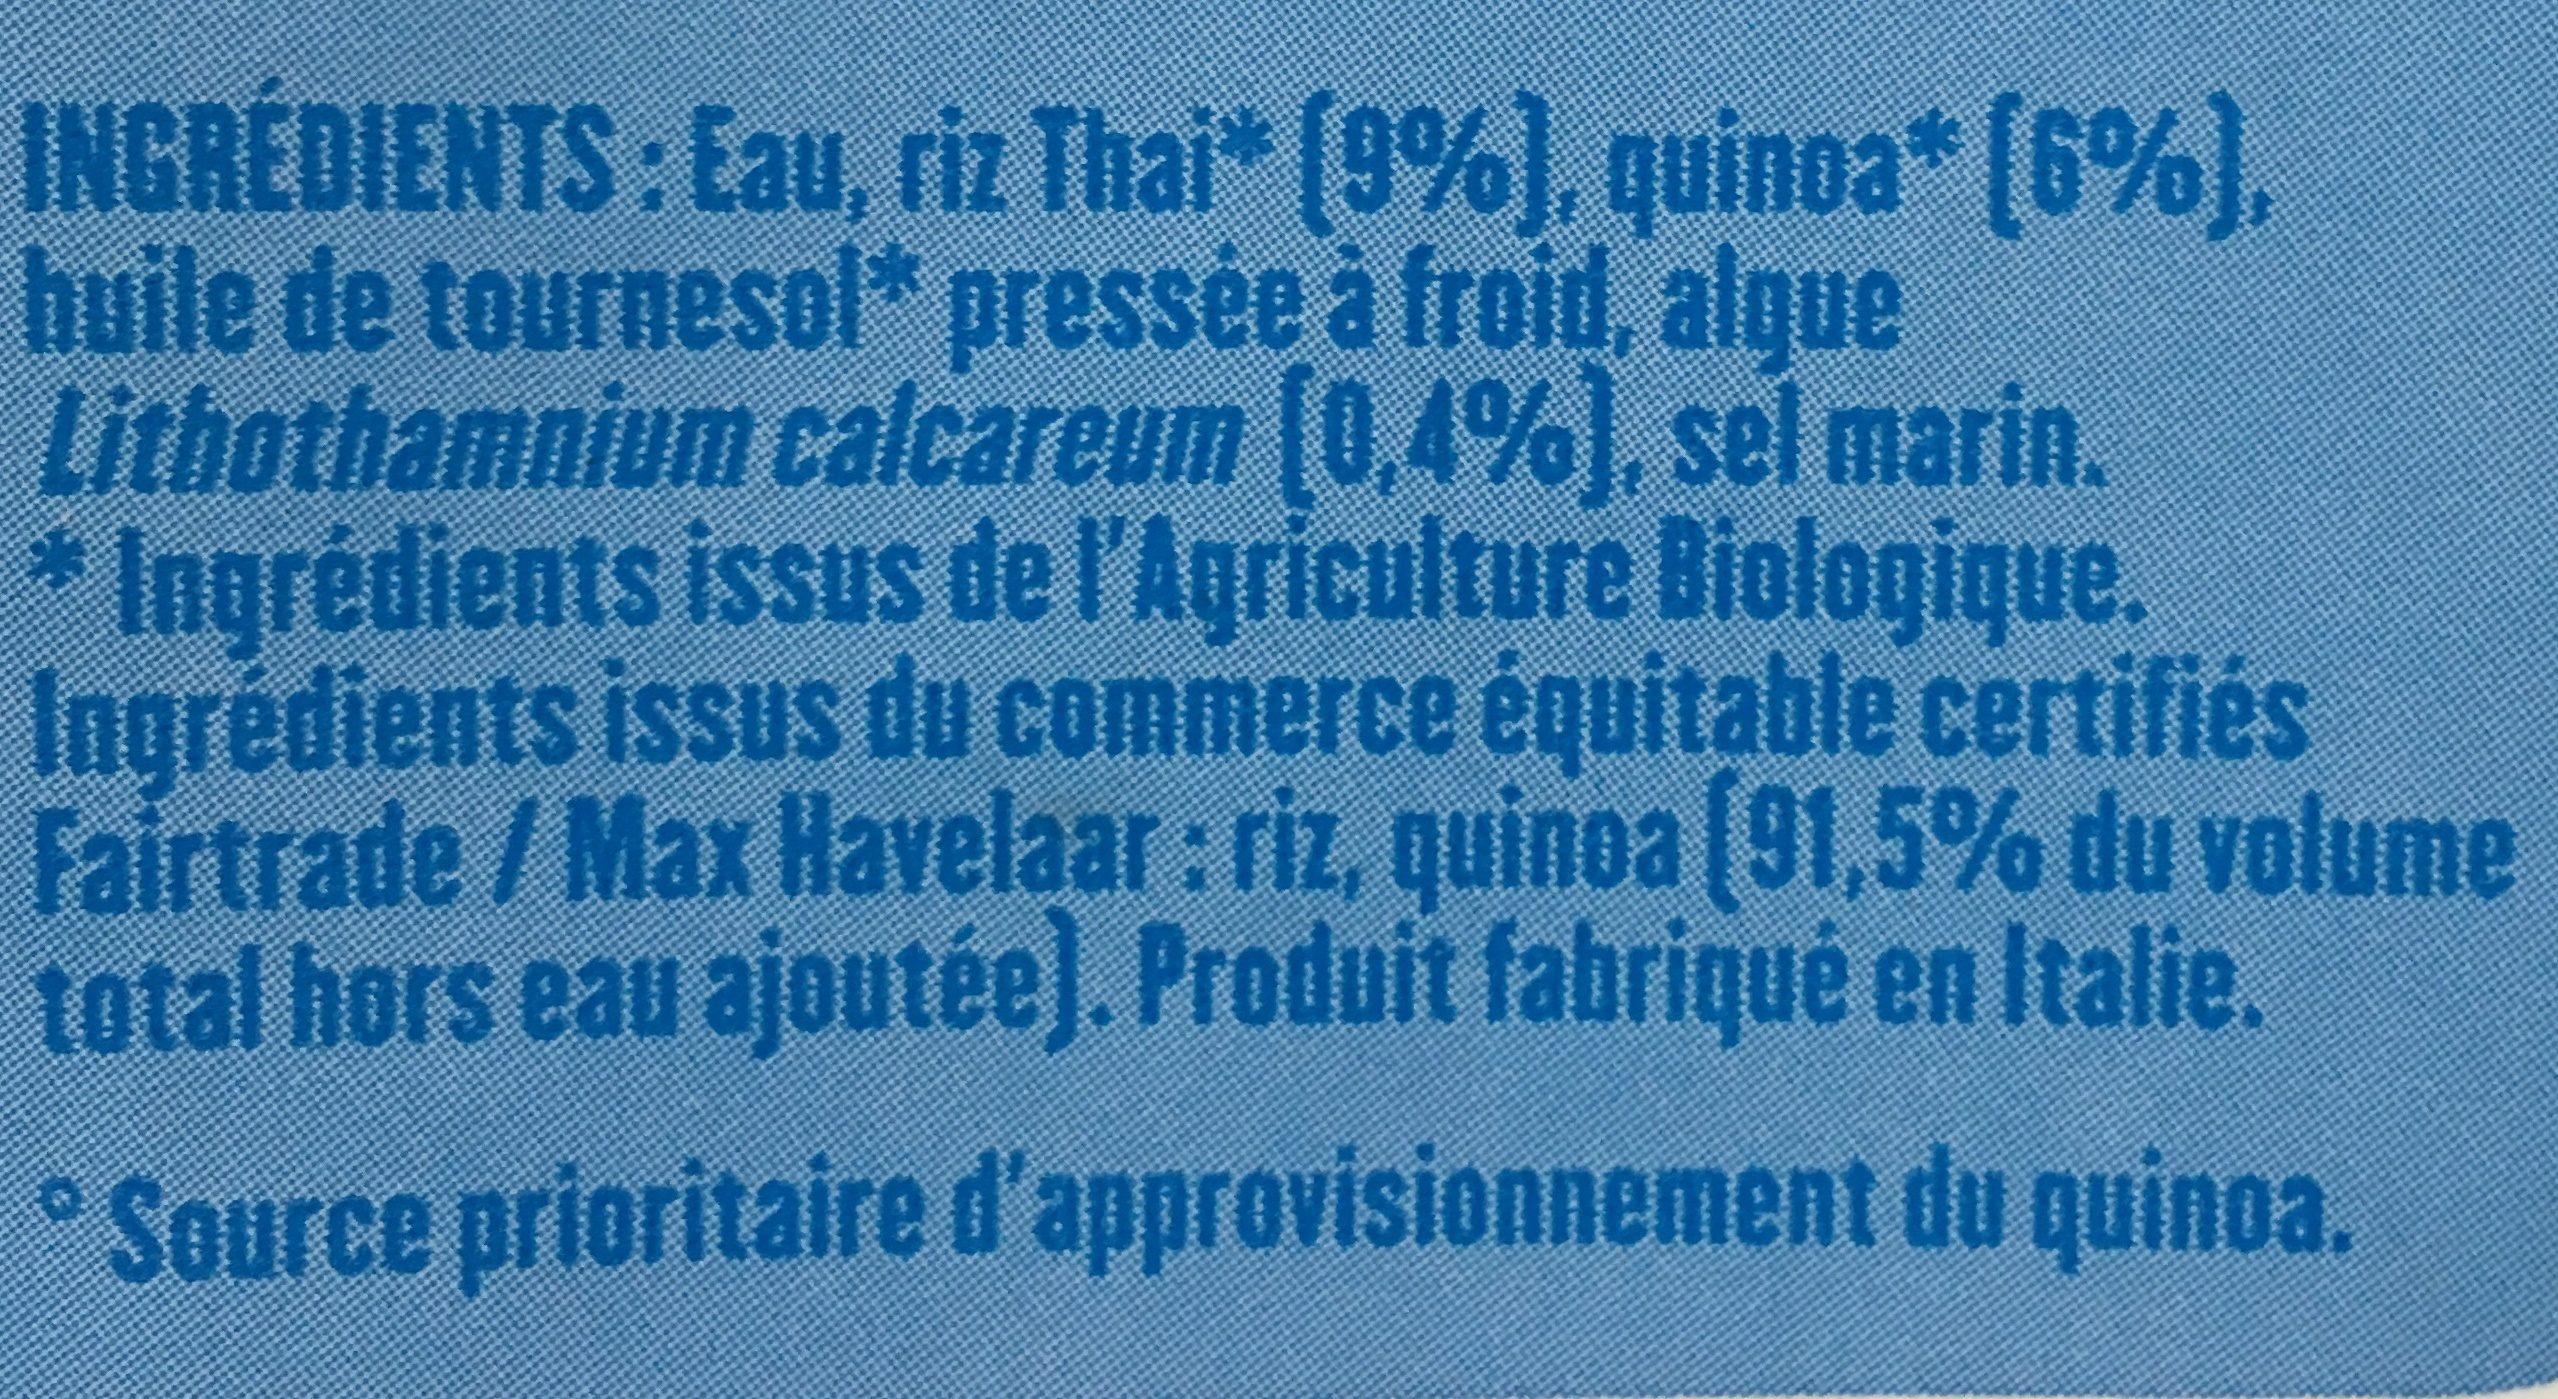 Boisson - Riz quinoa calcium - Ingredients - fr